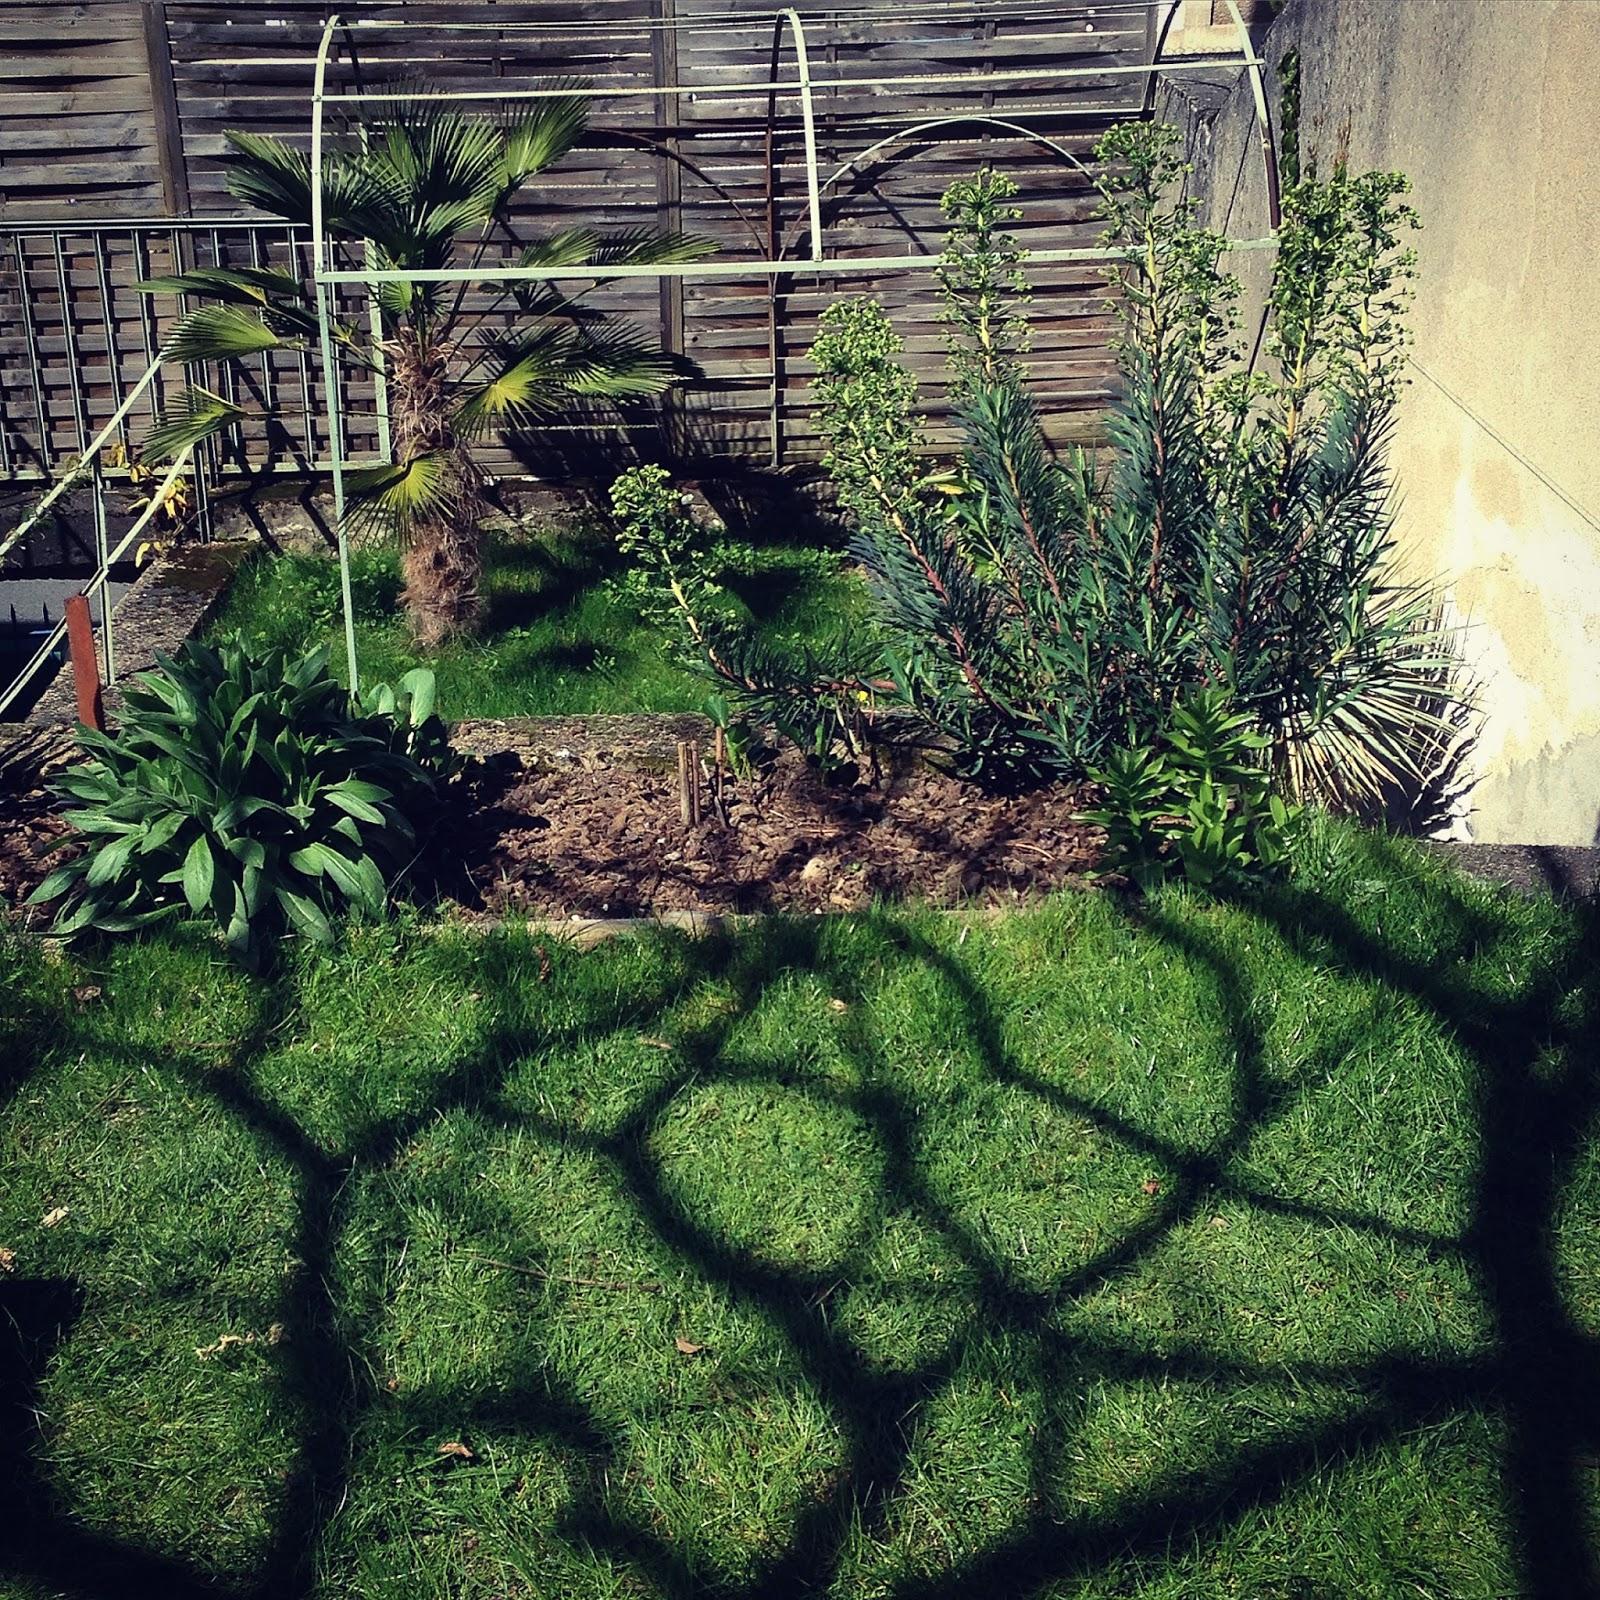 Jardin exotique en auvergne - Photo jardin exotique ...